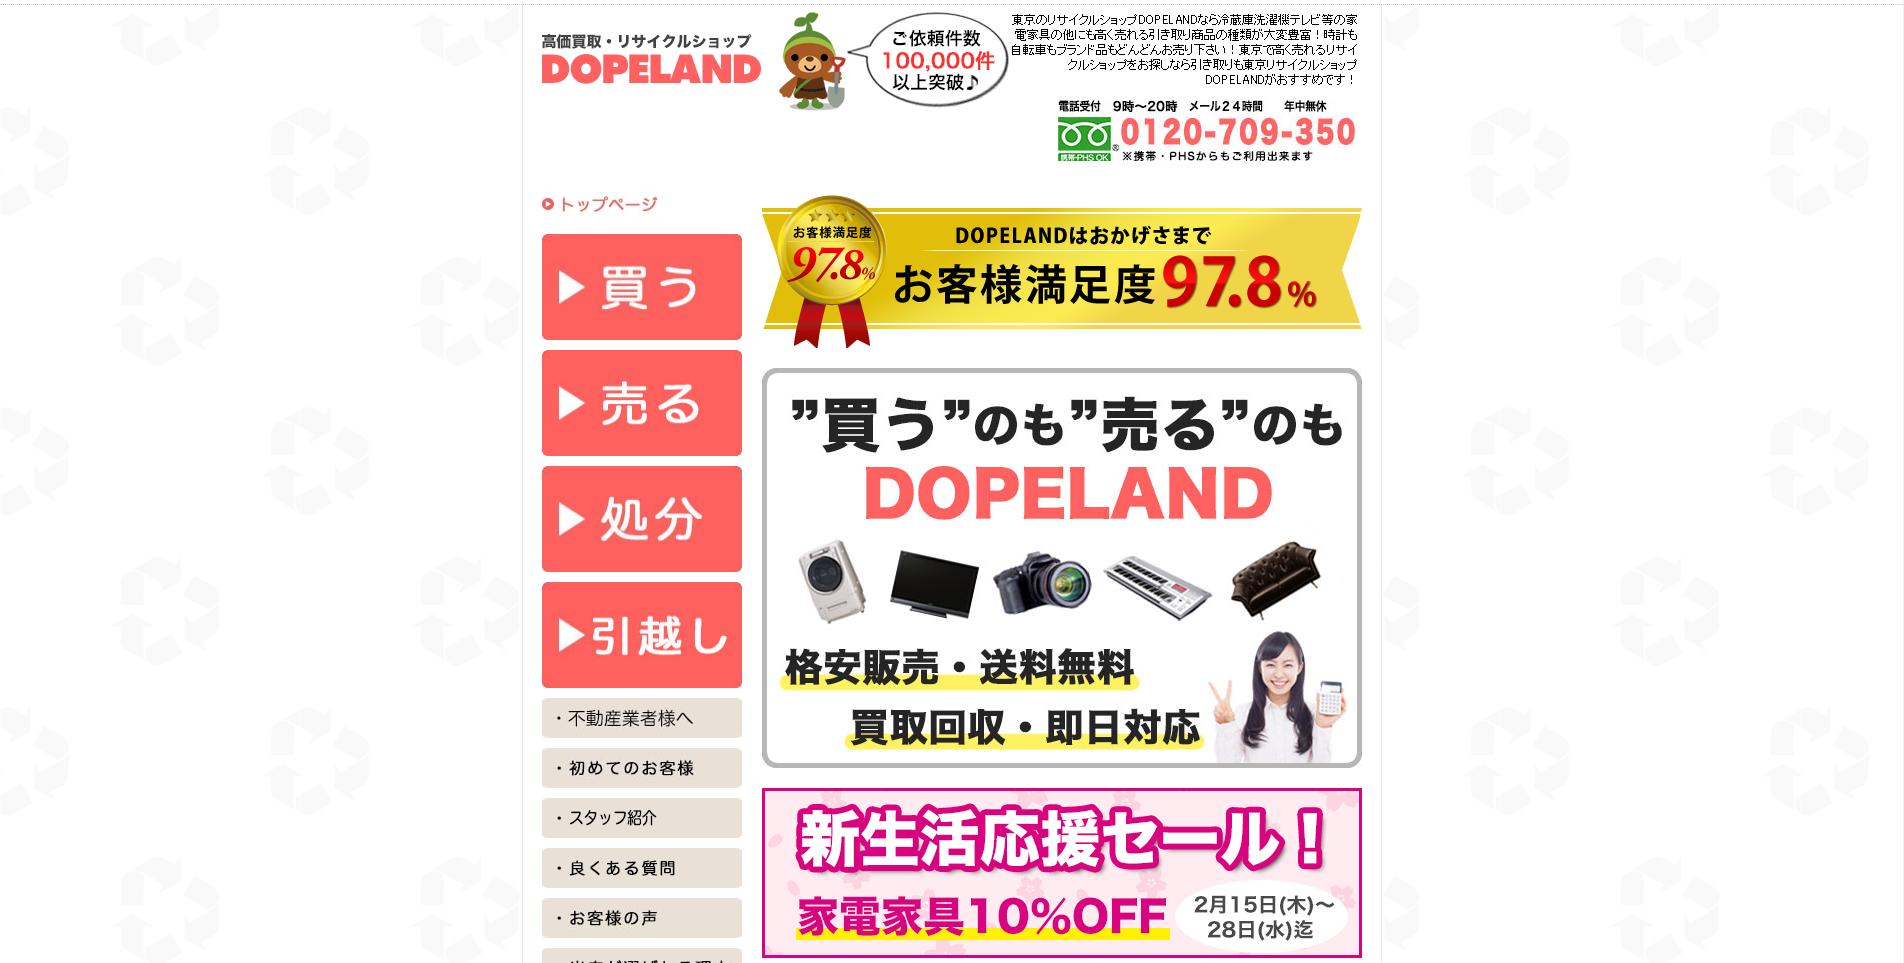 リサイクルショップ・ドープランド(DOPELAND)